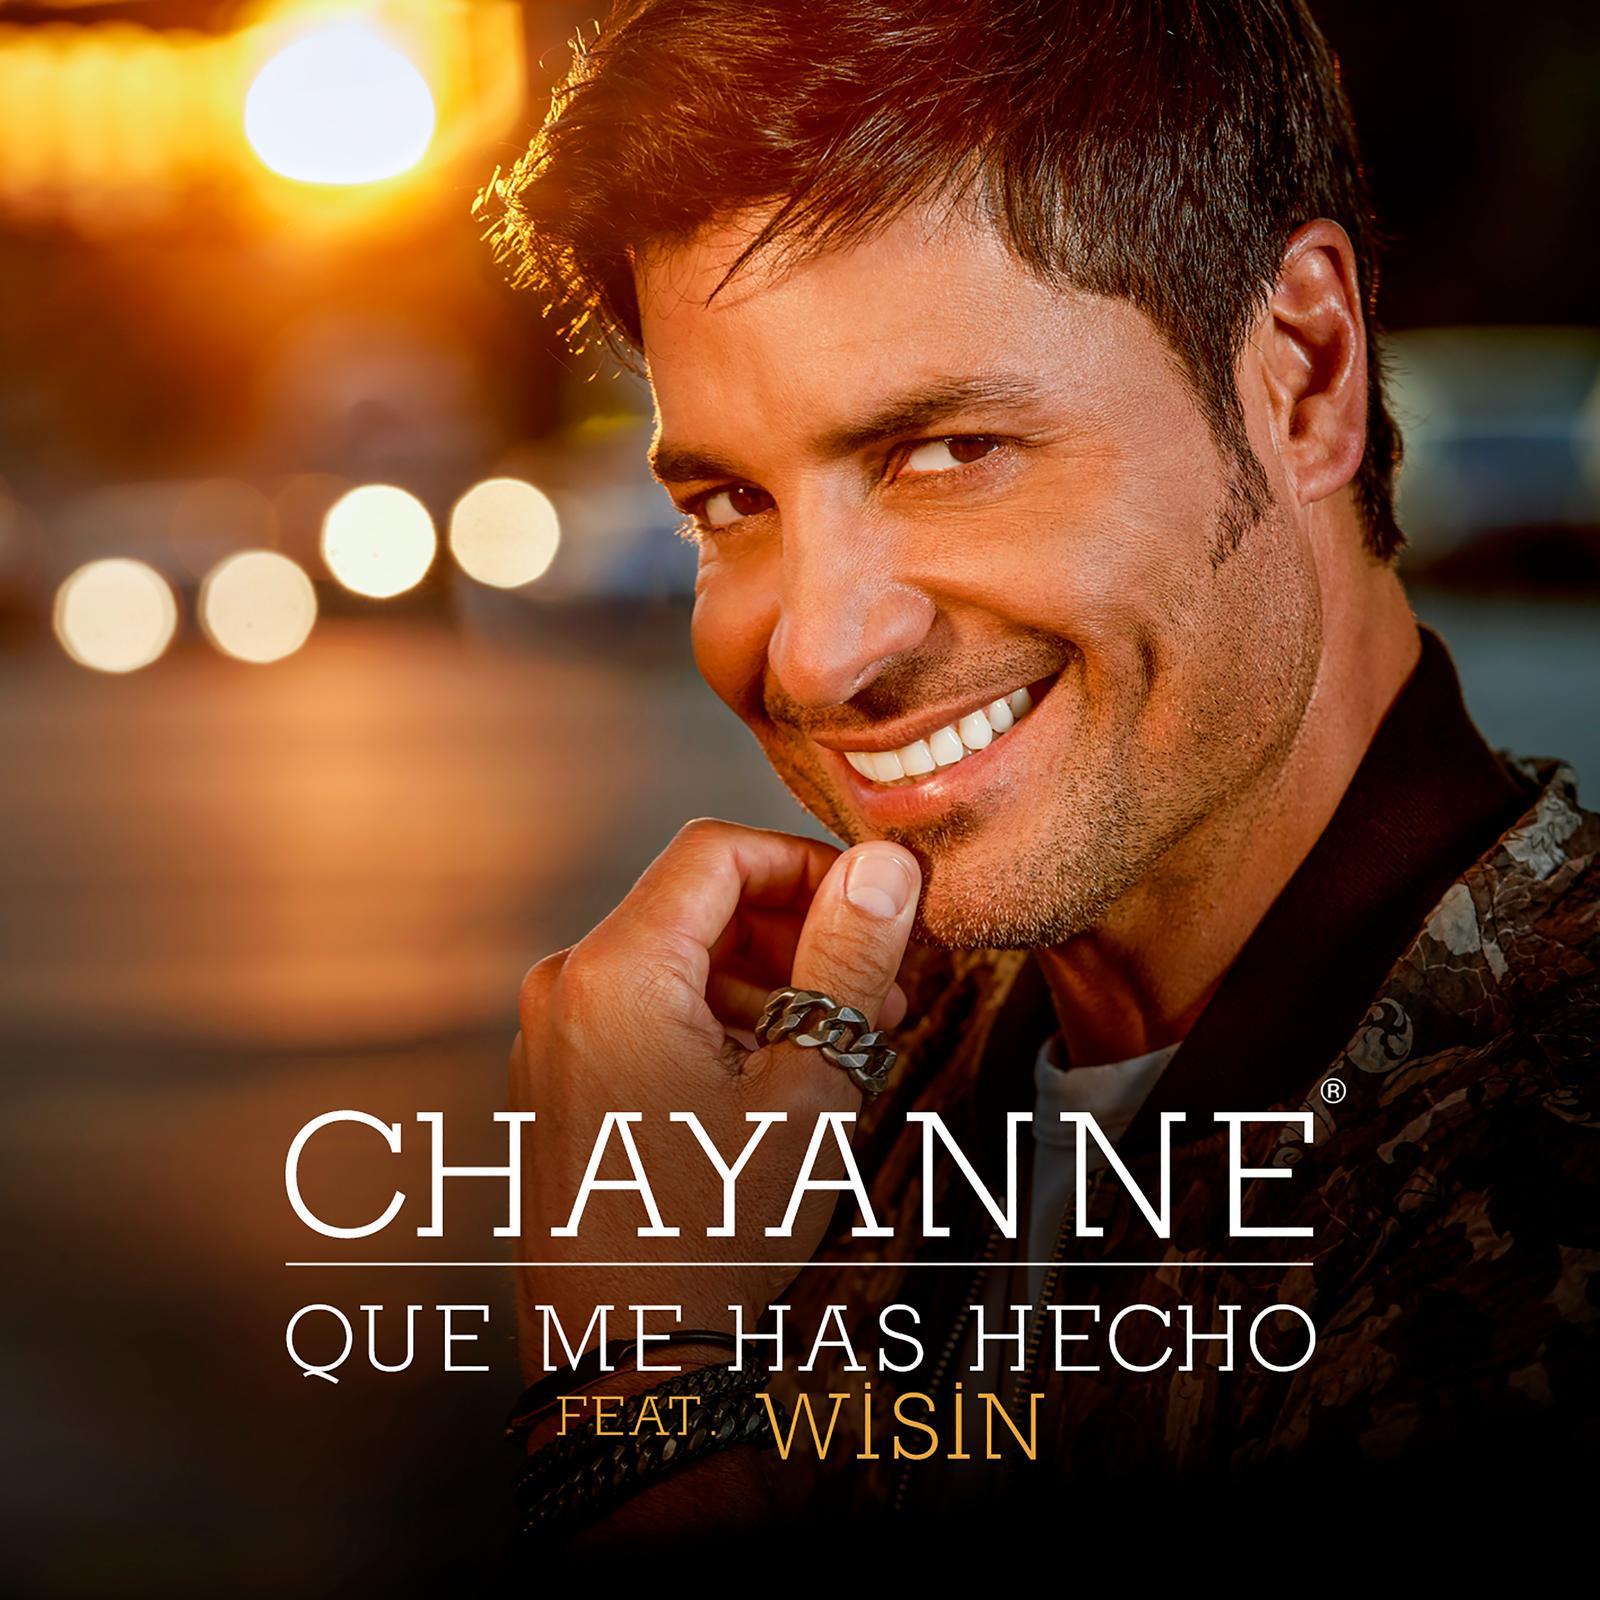 Chayanne mezcla tropical con reggaetón en su nuevo sencillo